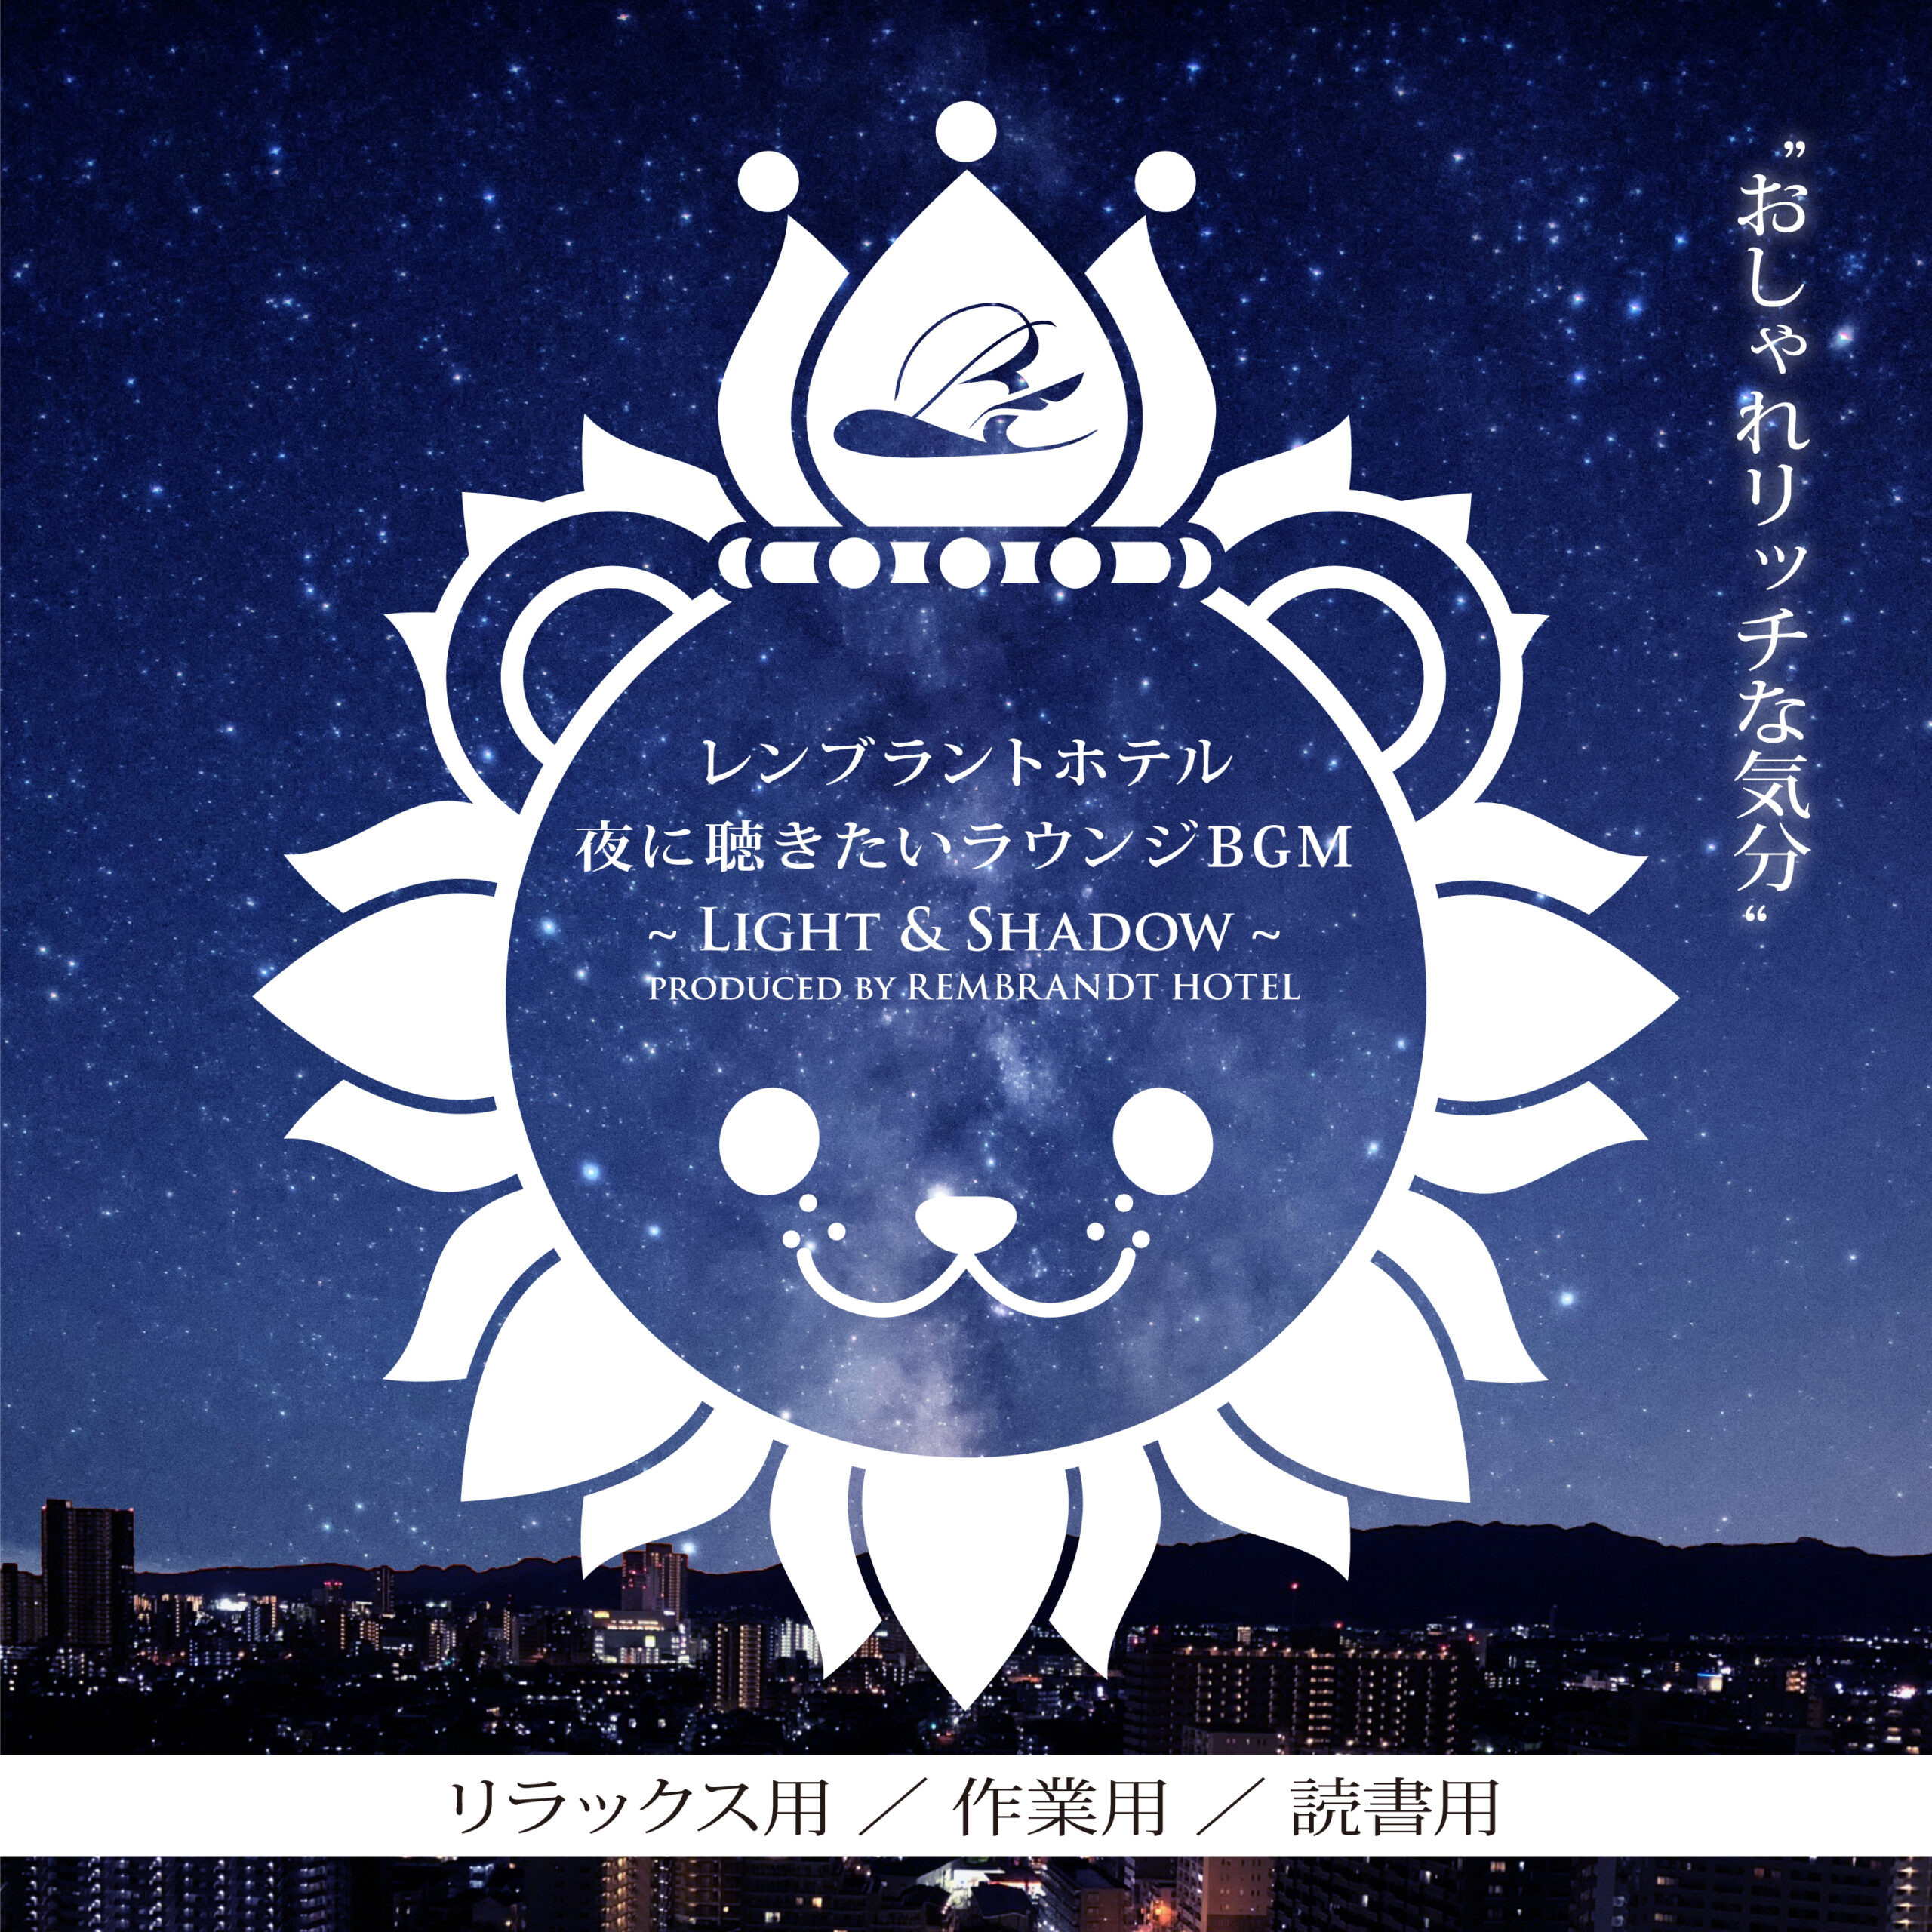 レンブラントホテル 夜に聴きたいラウンジBGM ~Light & Shadow~ PRODUCED BY REMBRANDT HOTEL おしゃれリッチな気分 リラックス用、作業用、読書用